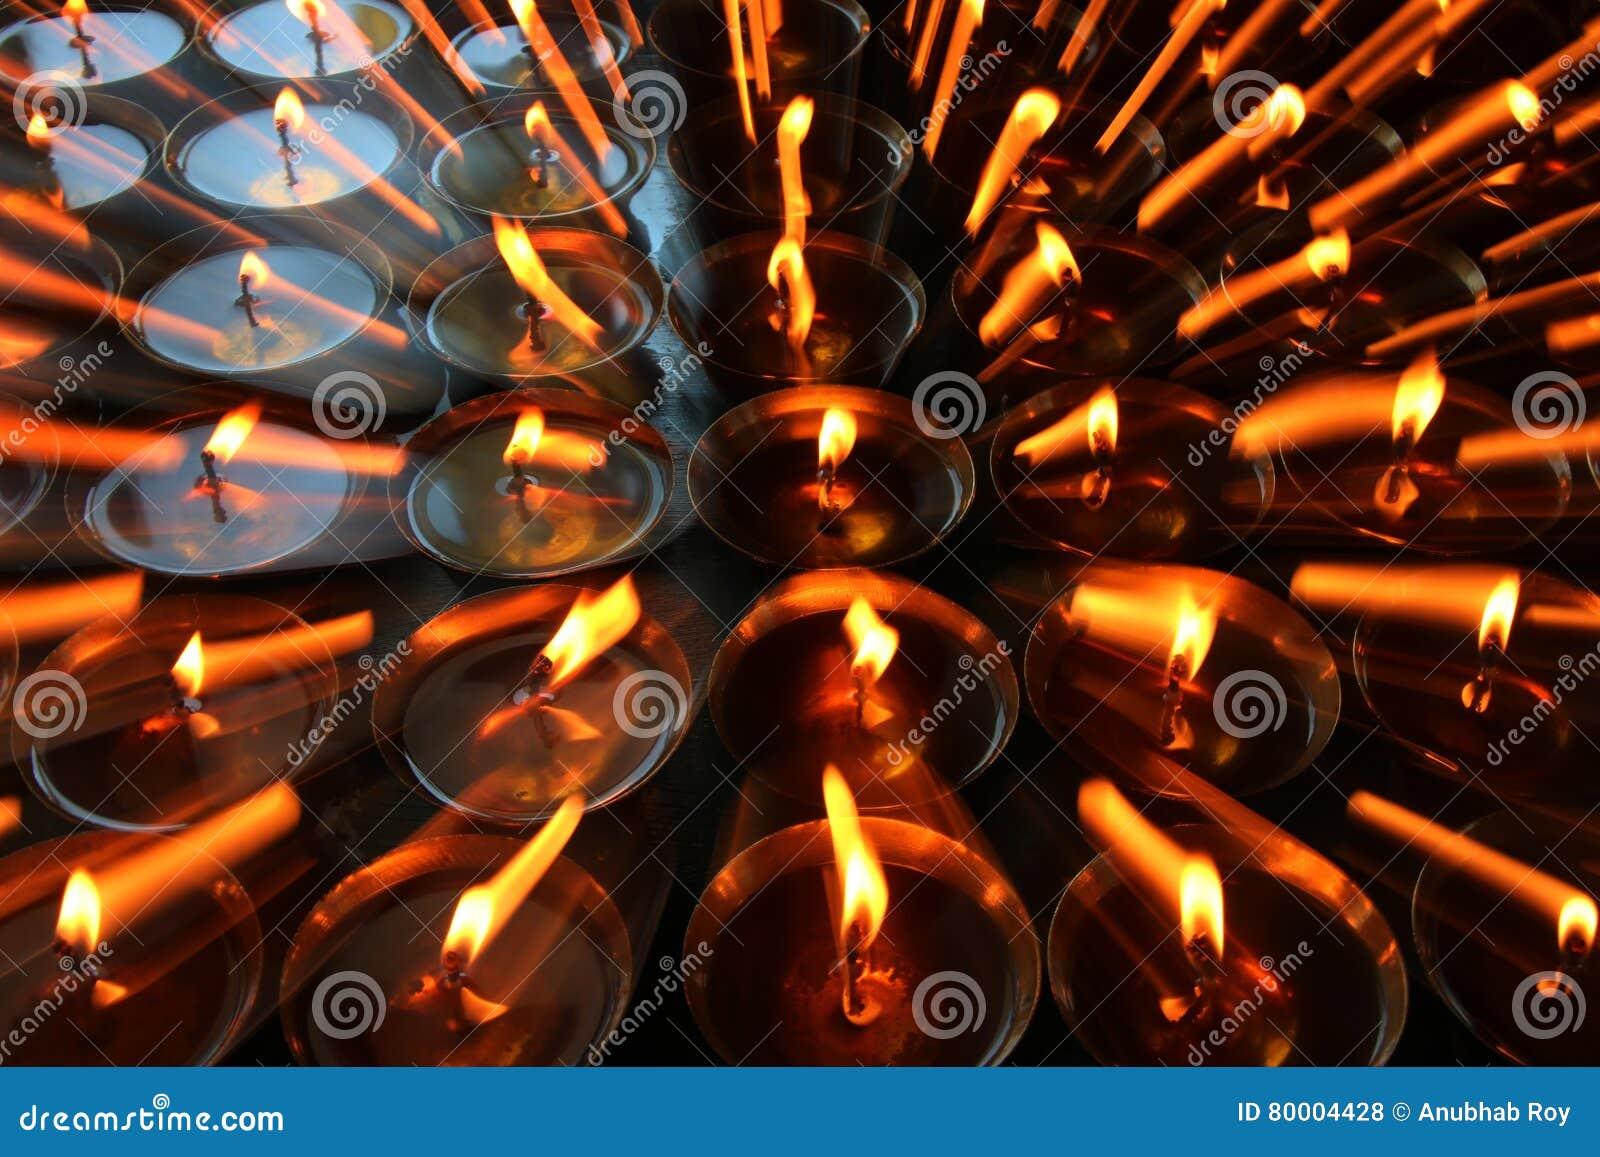 Charity Rezando velas em um monastério em Butão